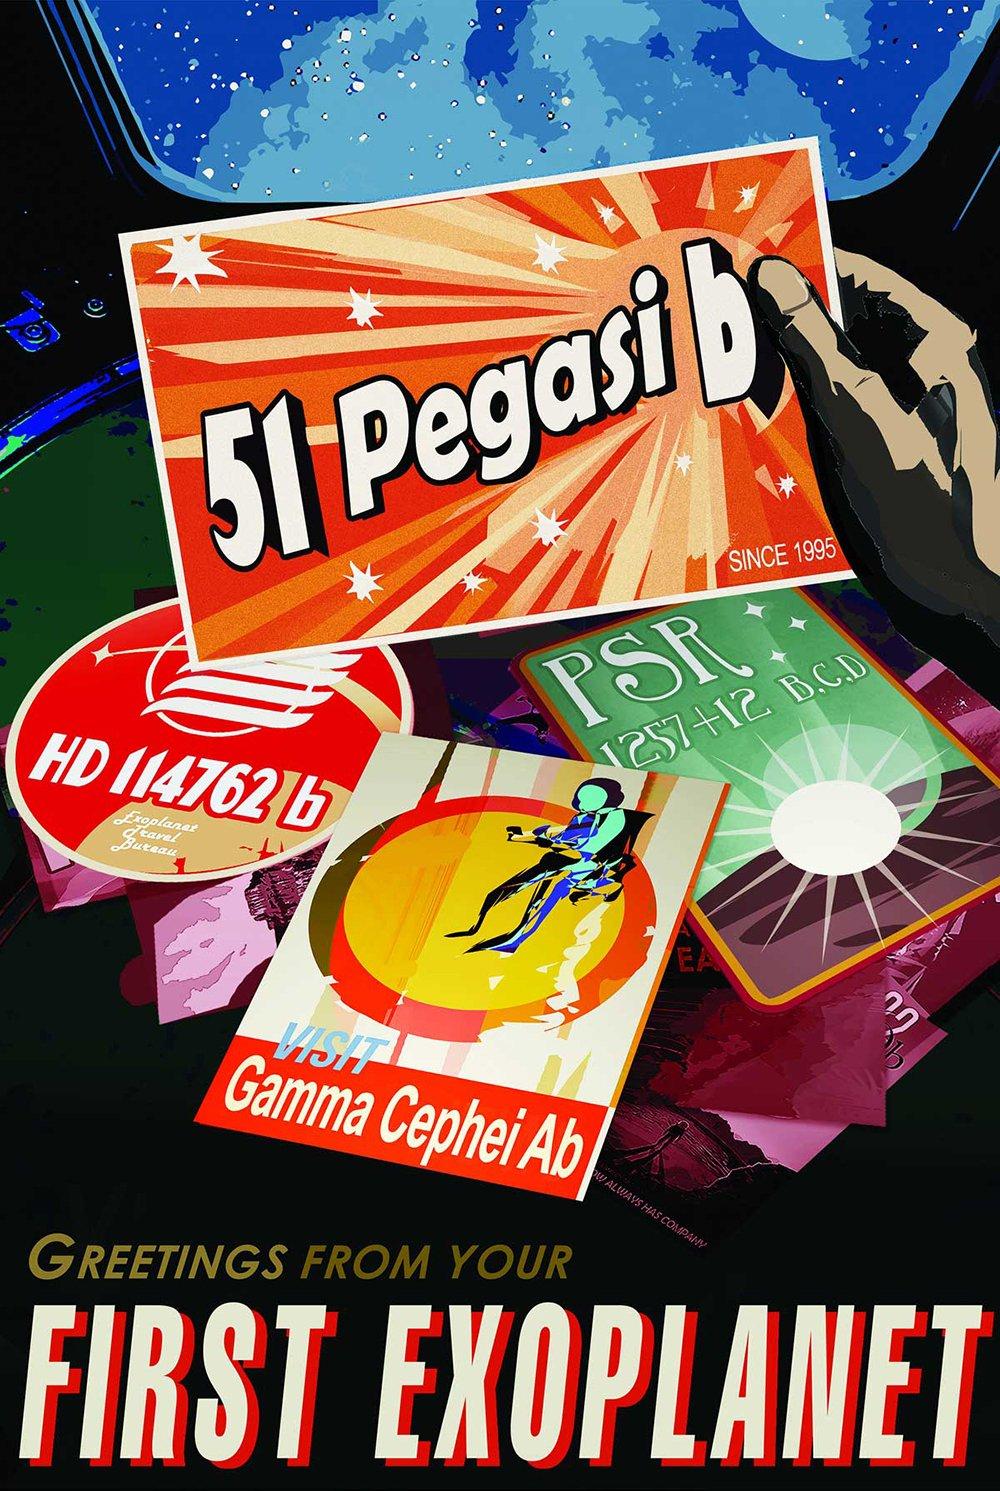 51pegasib-NASA_POSTER-designplayground